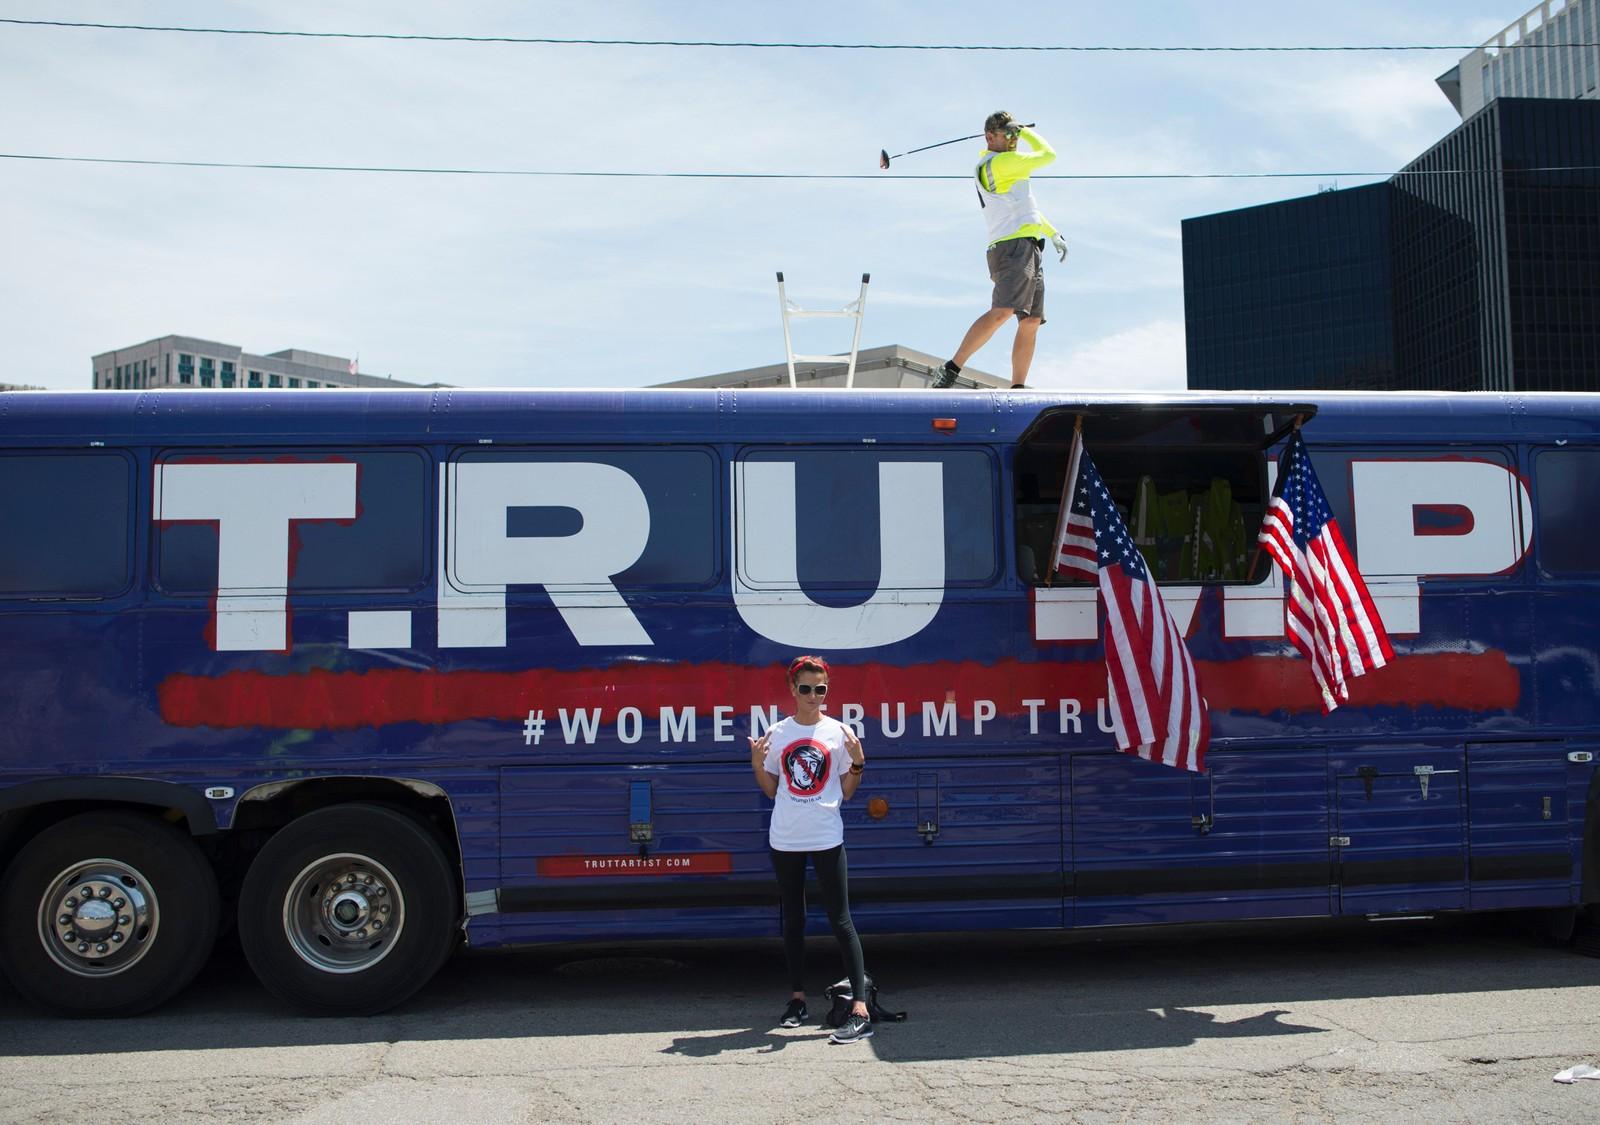 BUSS-KUNST: Kunstnerne David Gleeson og Mary Mihelic kjøpte kampanjebussen som Donald Trump brukte i Iowa, og bruker den nå som protestkunst. Ifølge kunstnerne brukes bussen som en plattform til å besvare Trumps uttalelser. Her utenfor det republikanske landsmøtet med emneknaggen #womantrumptrump